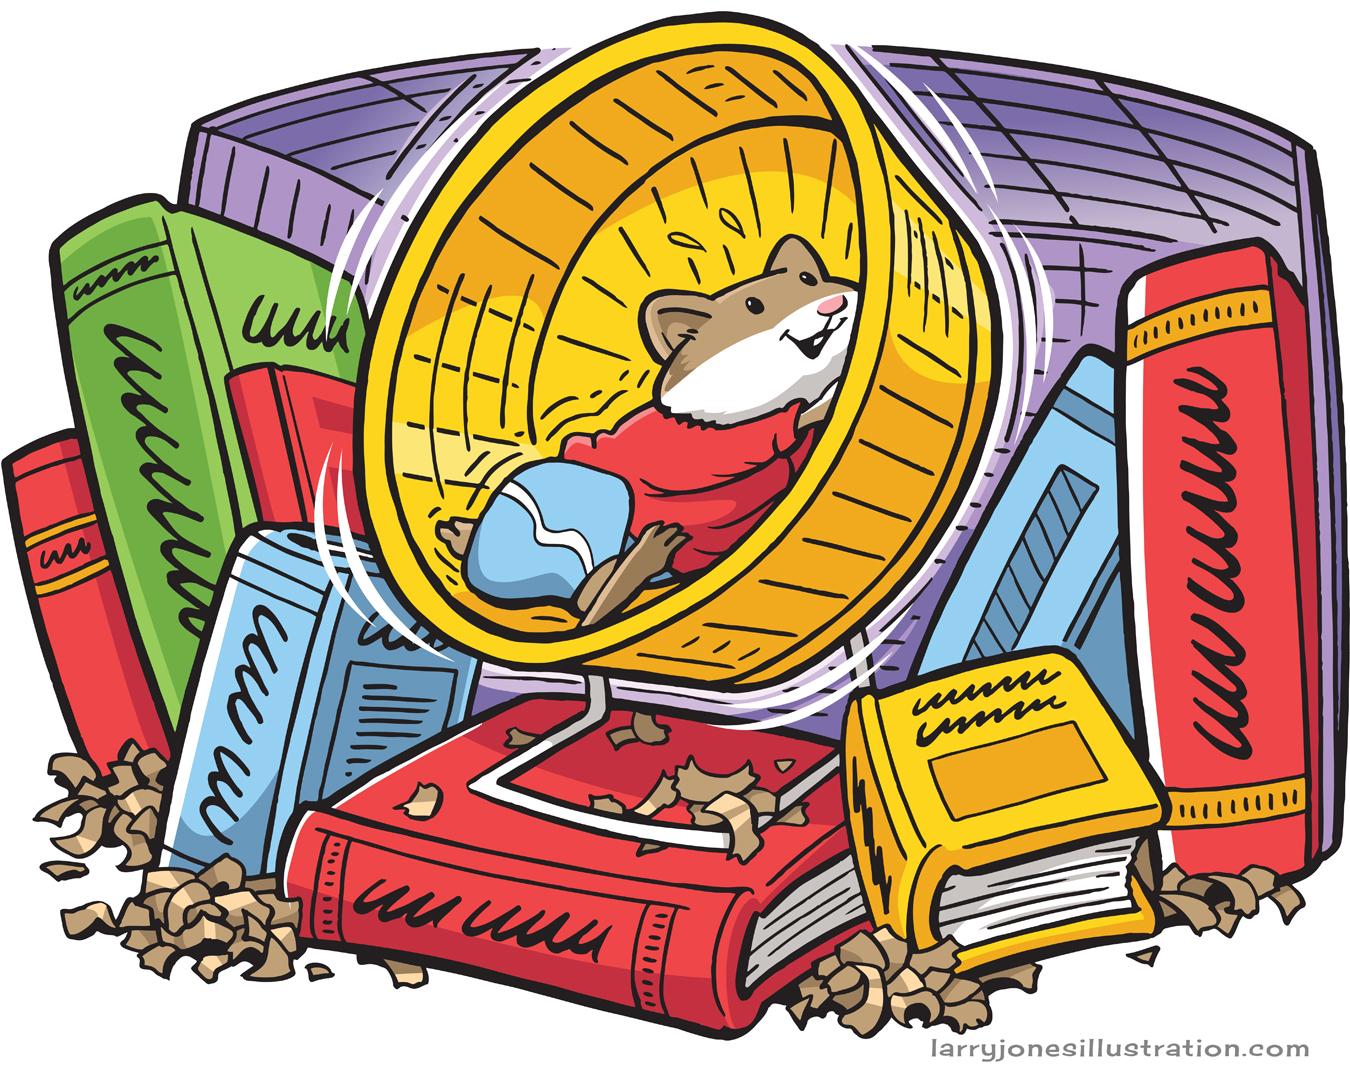 hamster-wheel-books-art.jpg